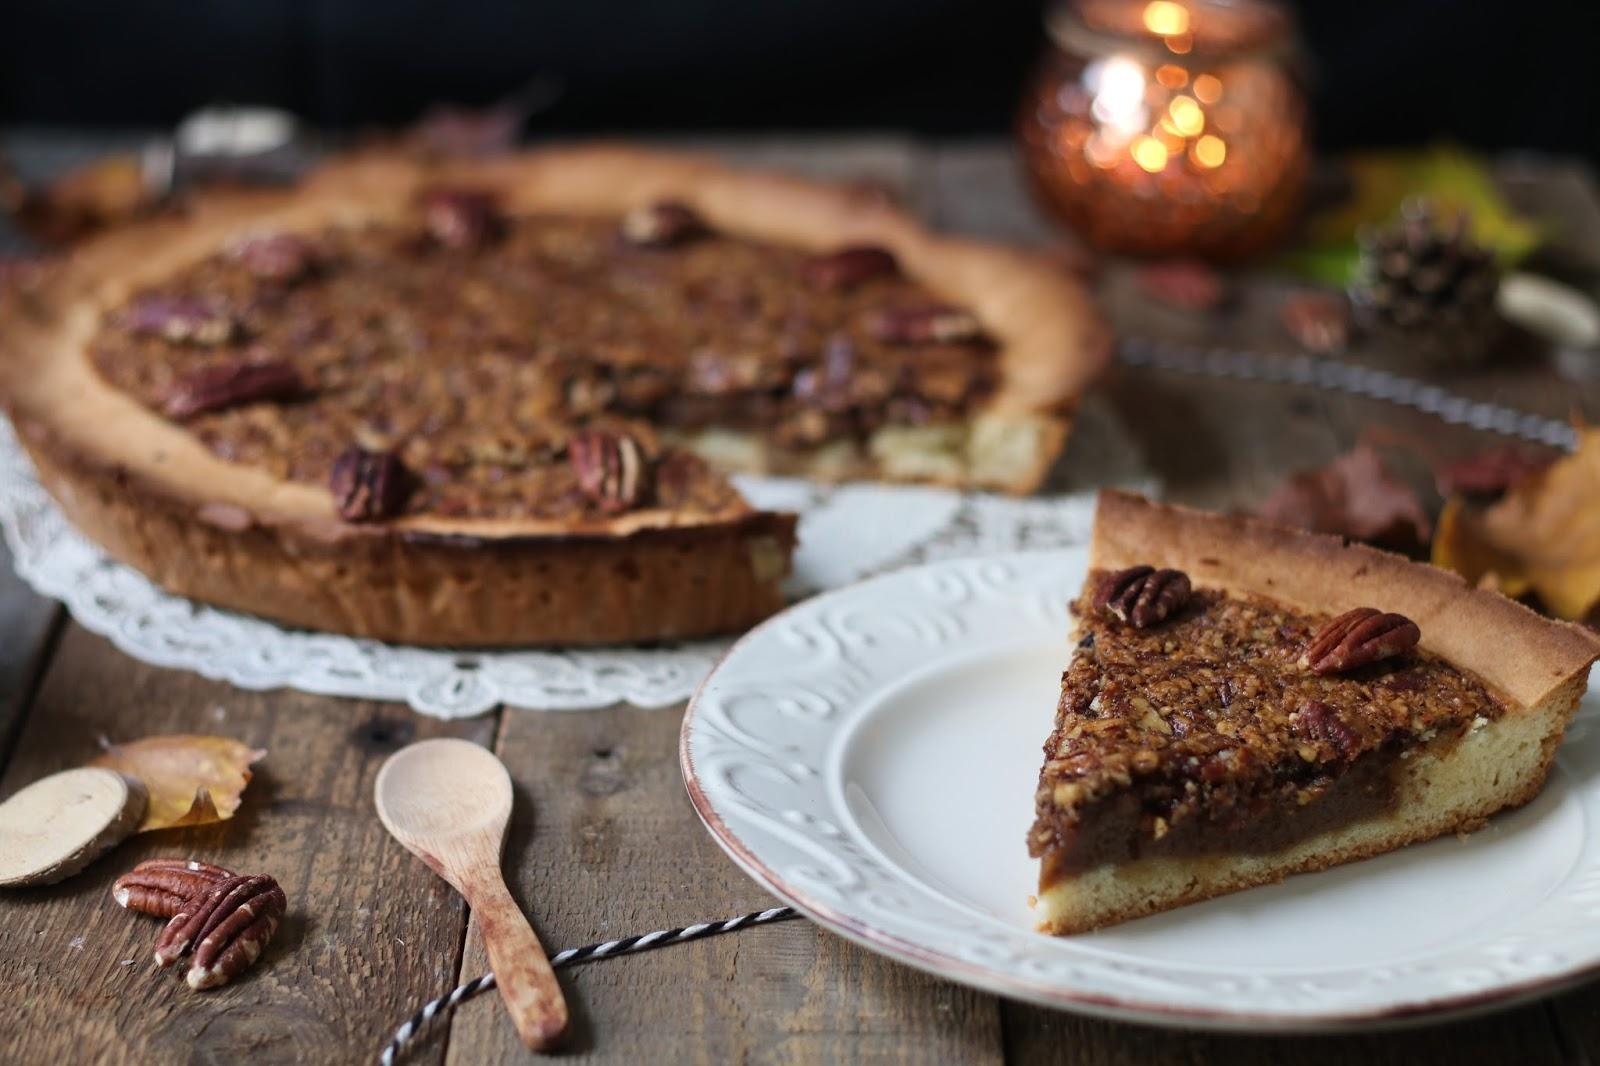 Recette de la tarte aux noix de pécan. Un vrai réconfort pour les papilles